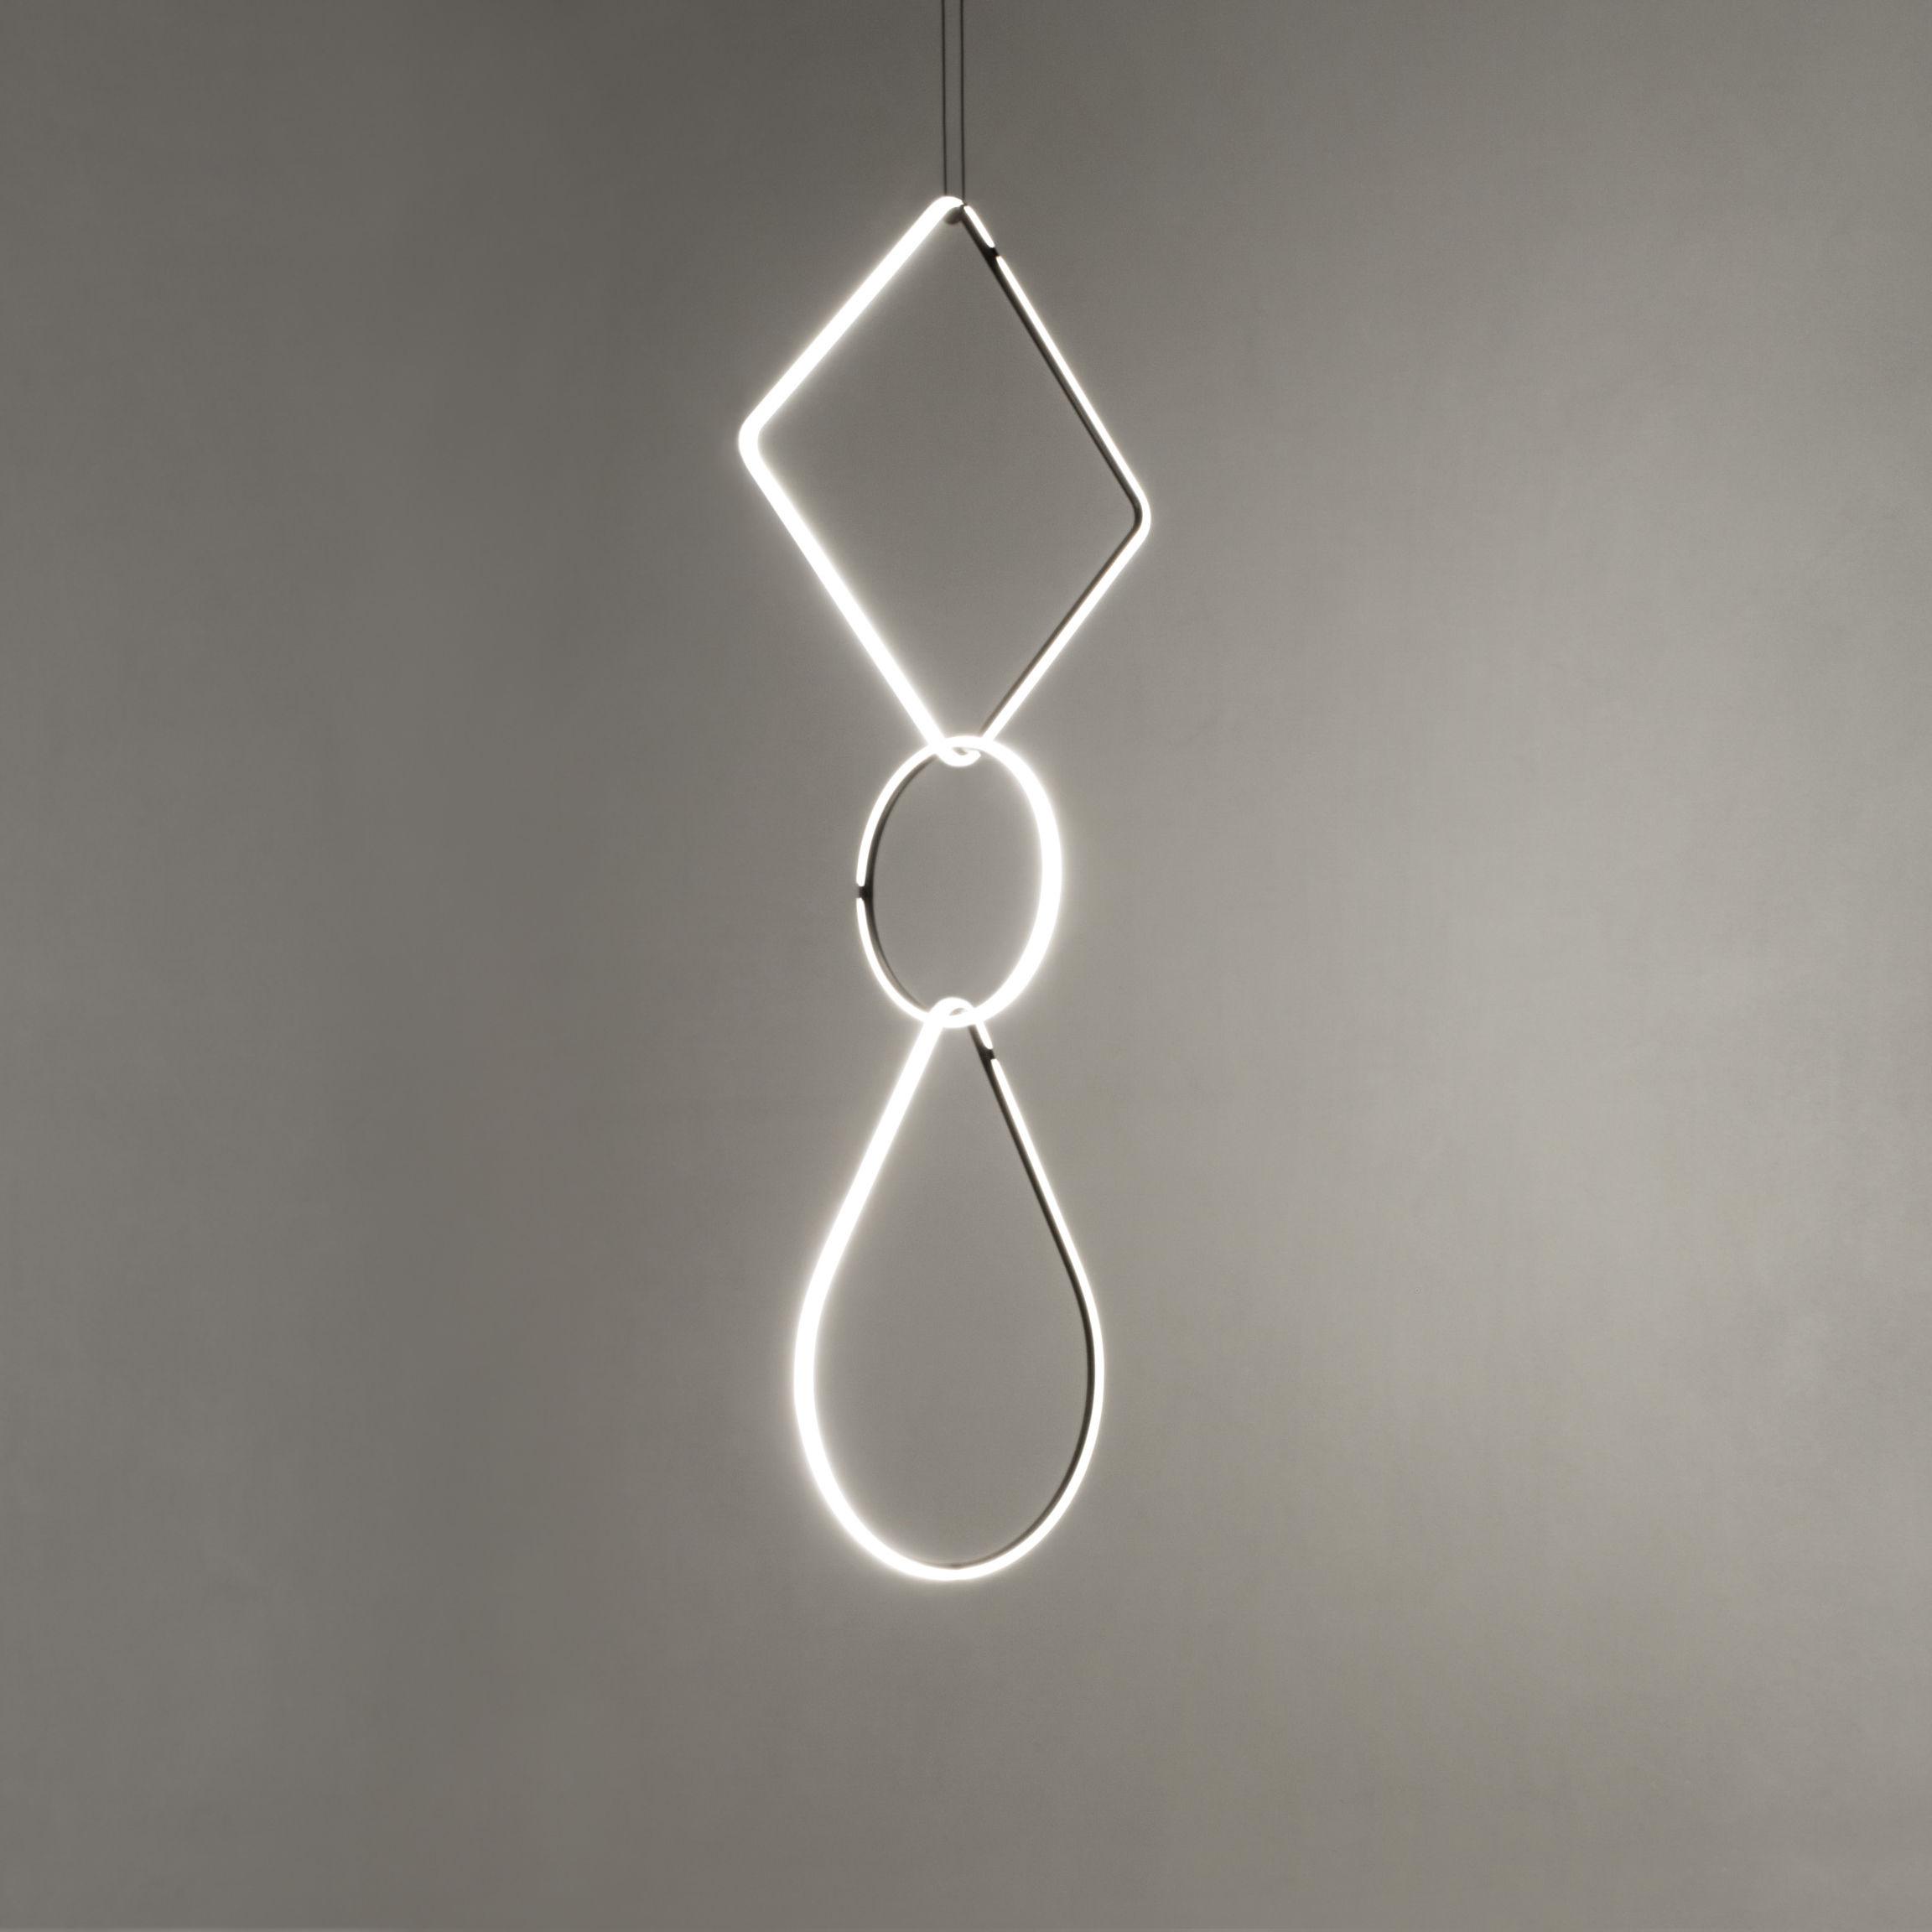 Illuminazione - Lampadari - Sospensione Arrangements 1 LED - / 3 elementi - H 180 x L 52 cm di Flos - Bianco & Nero - alluminio verniciato, policarbonato